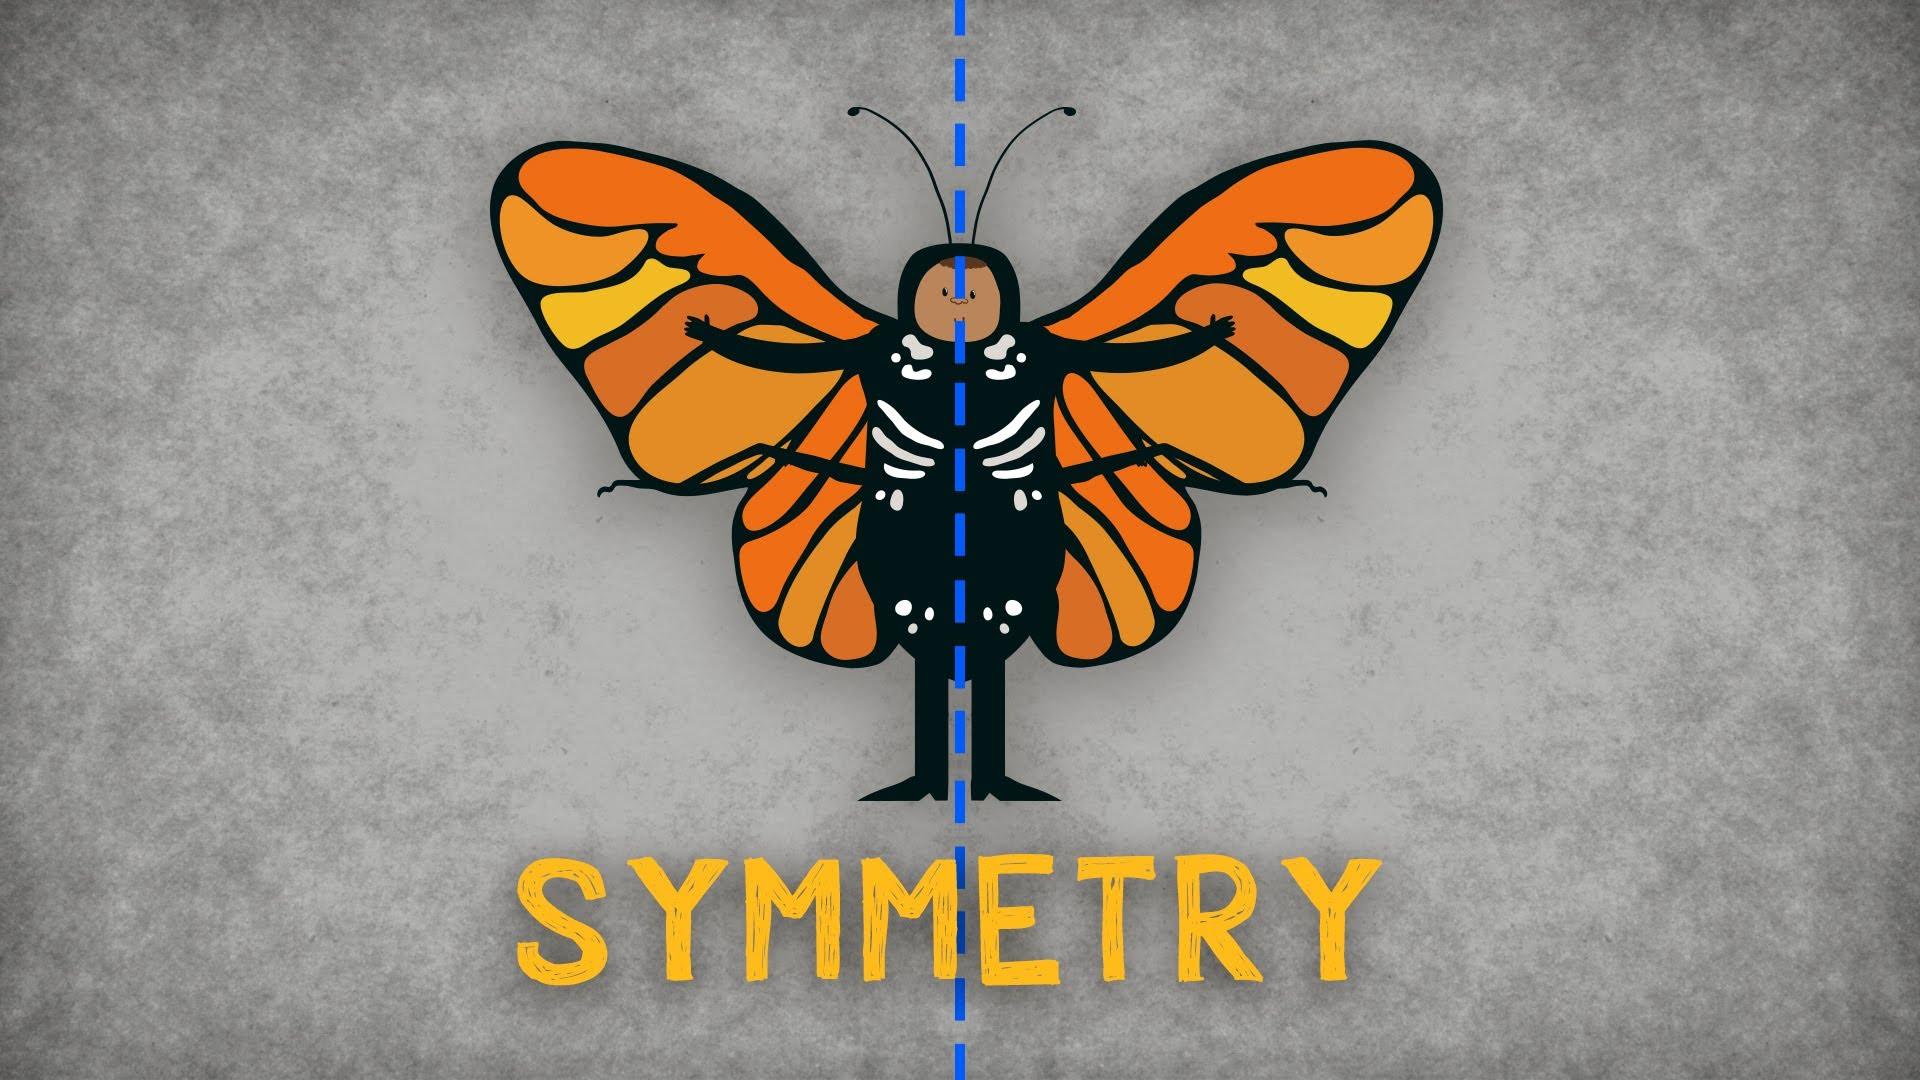 Ted Ed Animation Explaining The Importance Of Symmetry